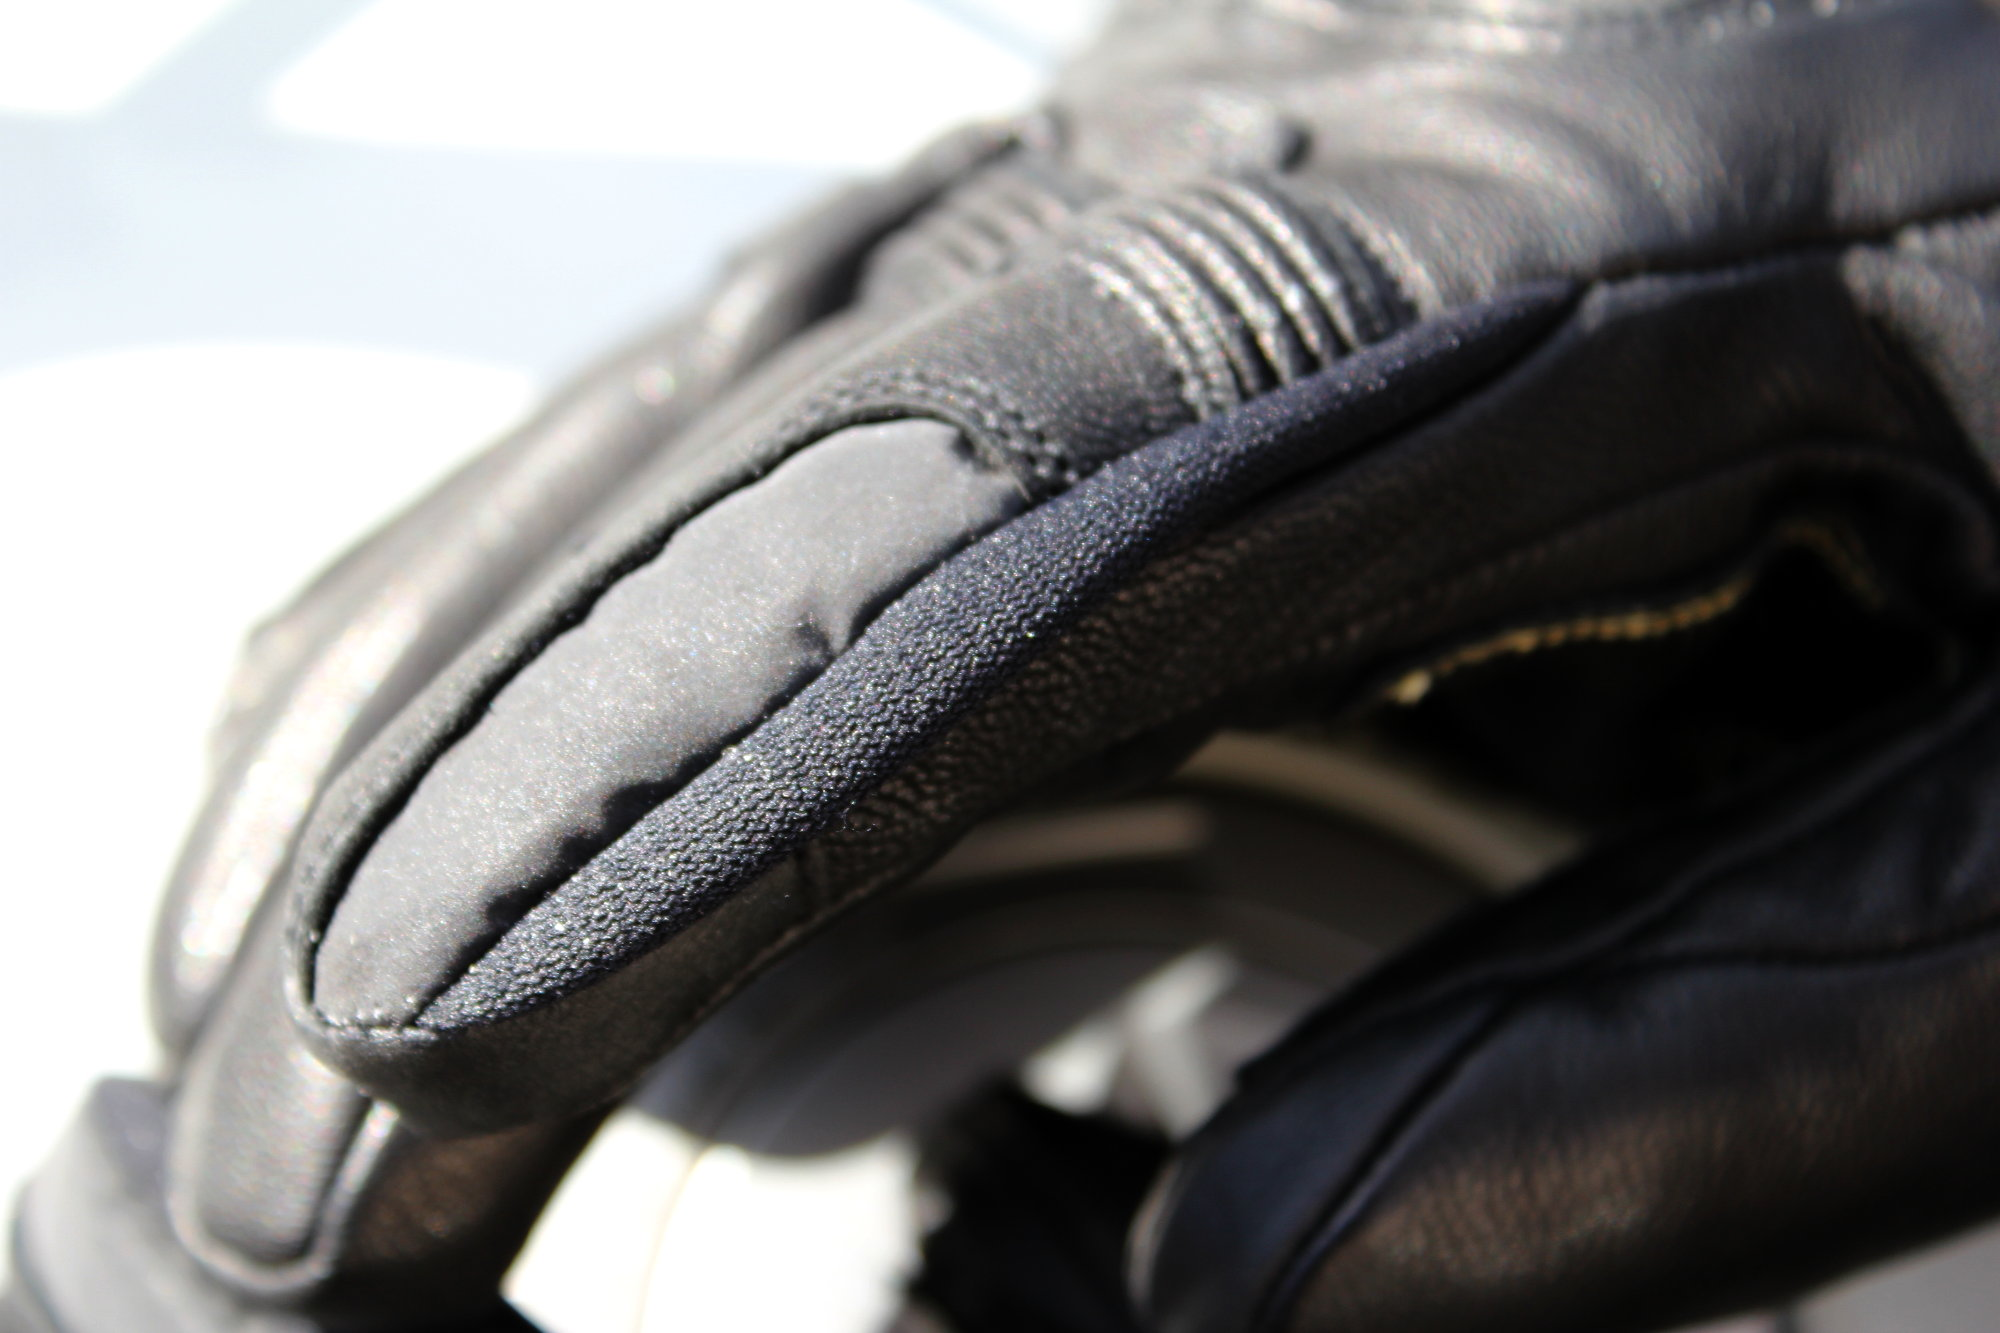 Racjette gants moto